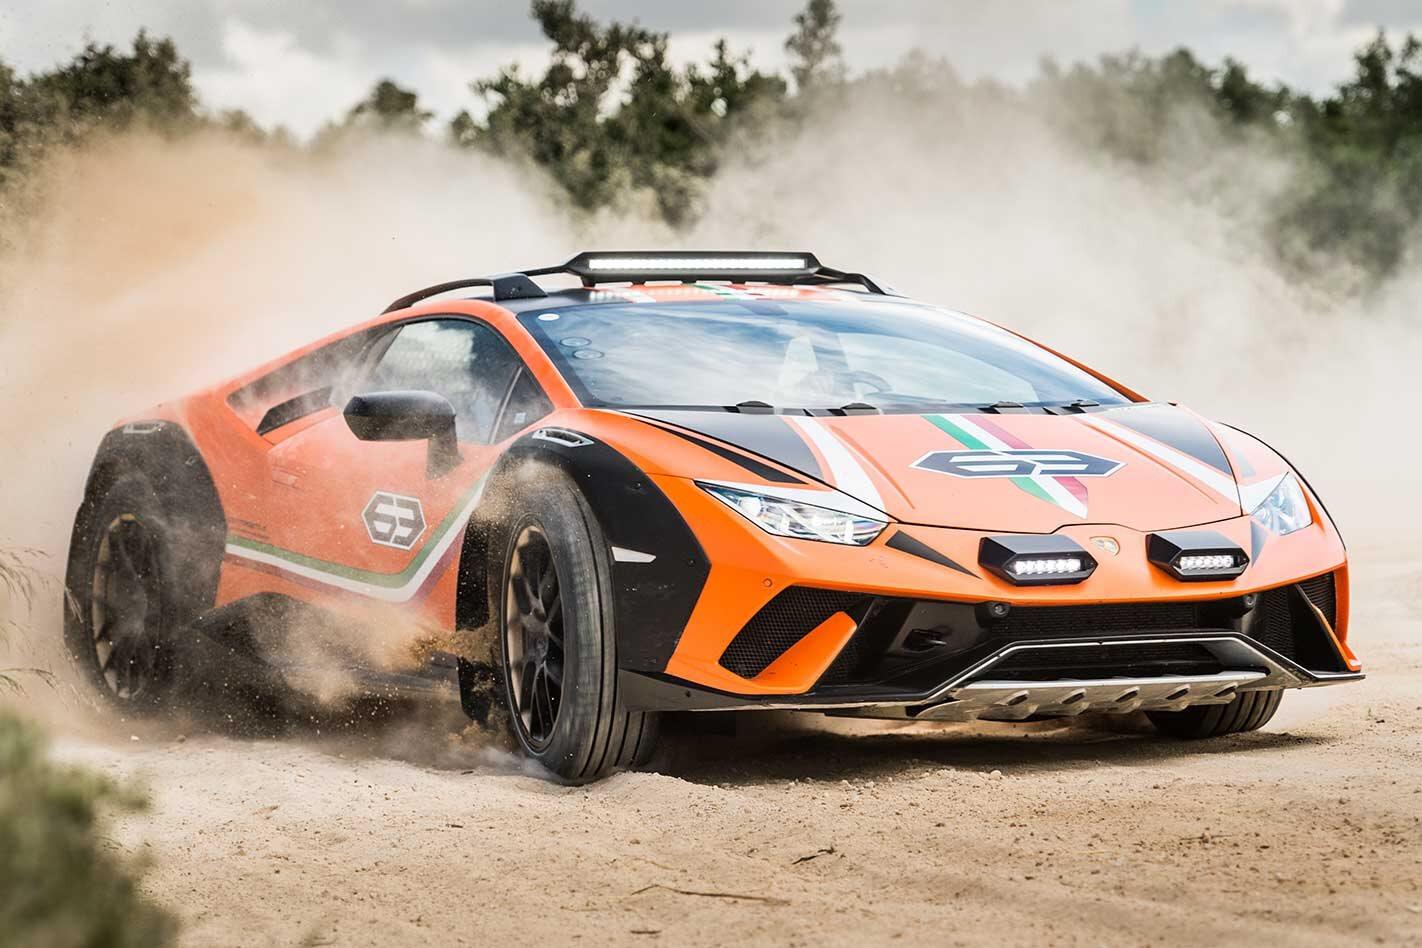 Lamborghini Huracan Sterrato concept review